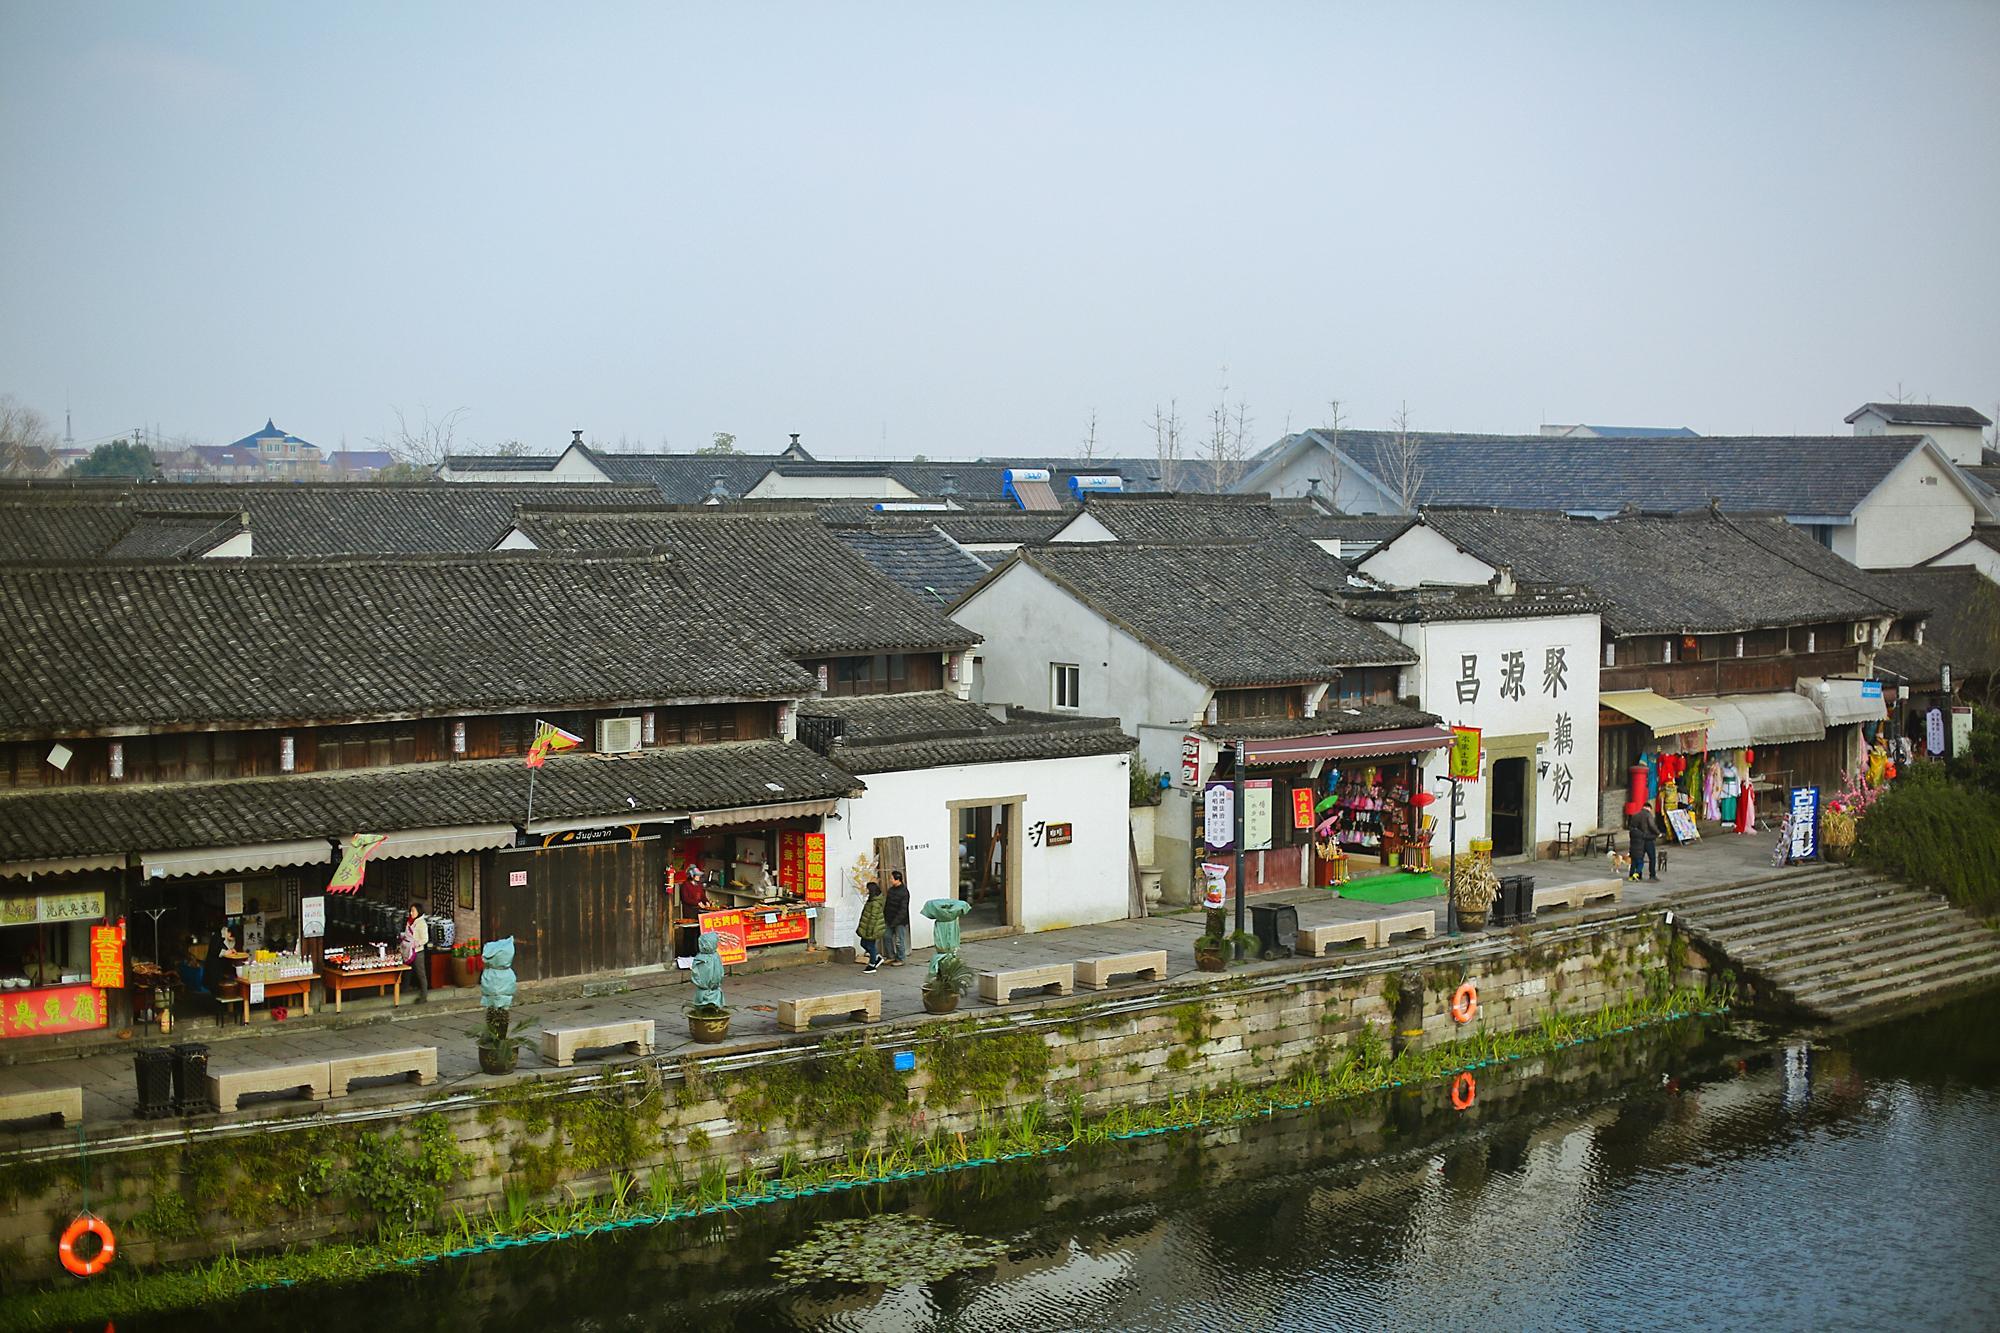 古鎮塘棲丨濃郁的市井水鄉,運河邊的世外桃源 - 知乎